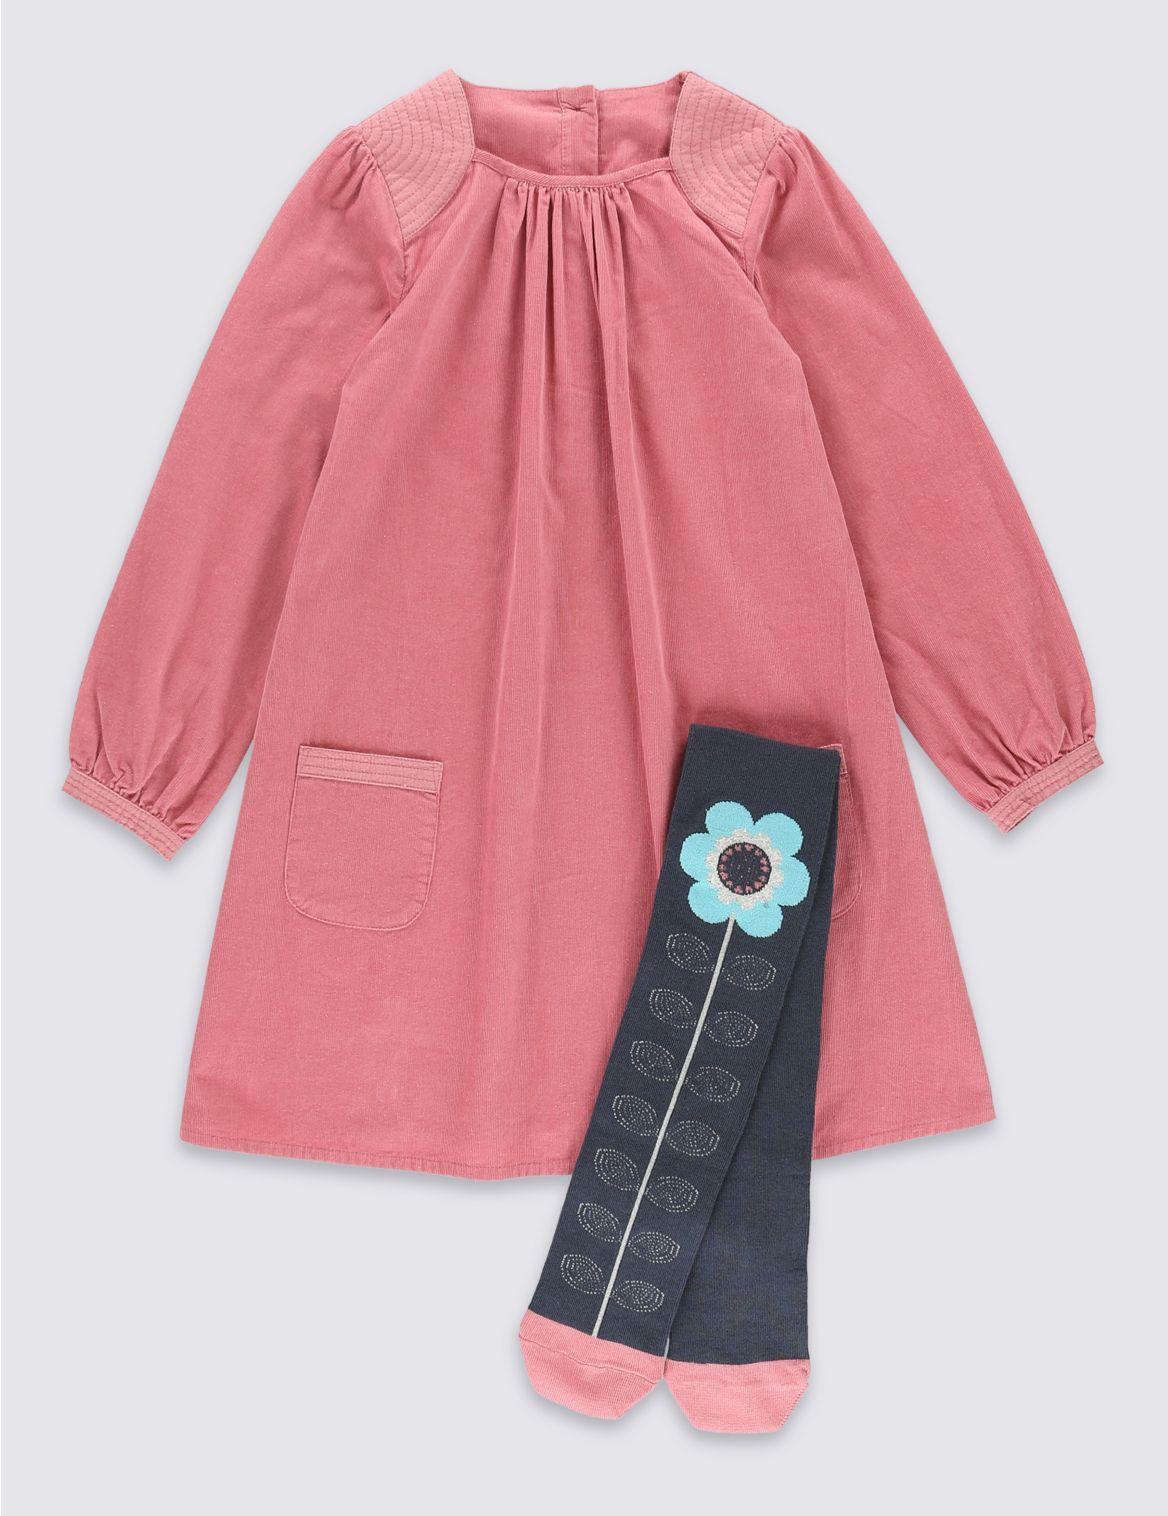 2delige corduroy jurk met maillot